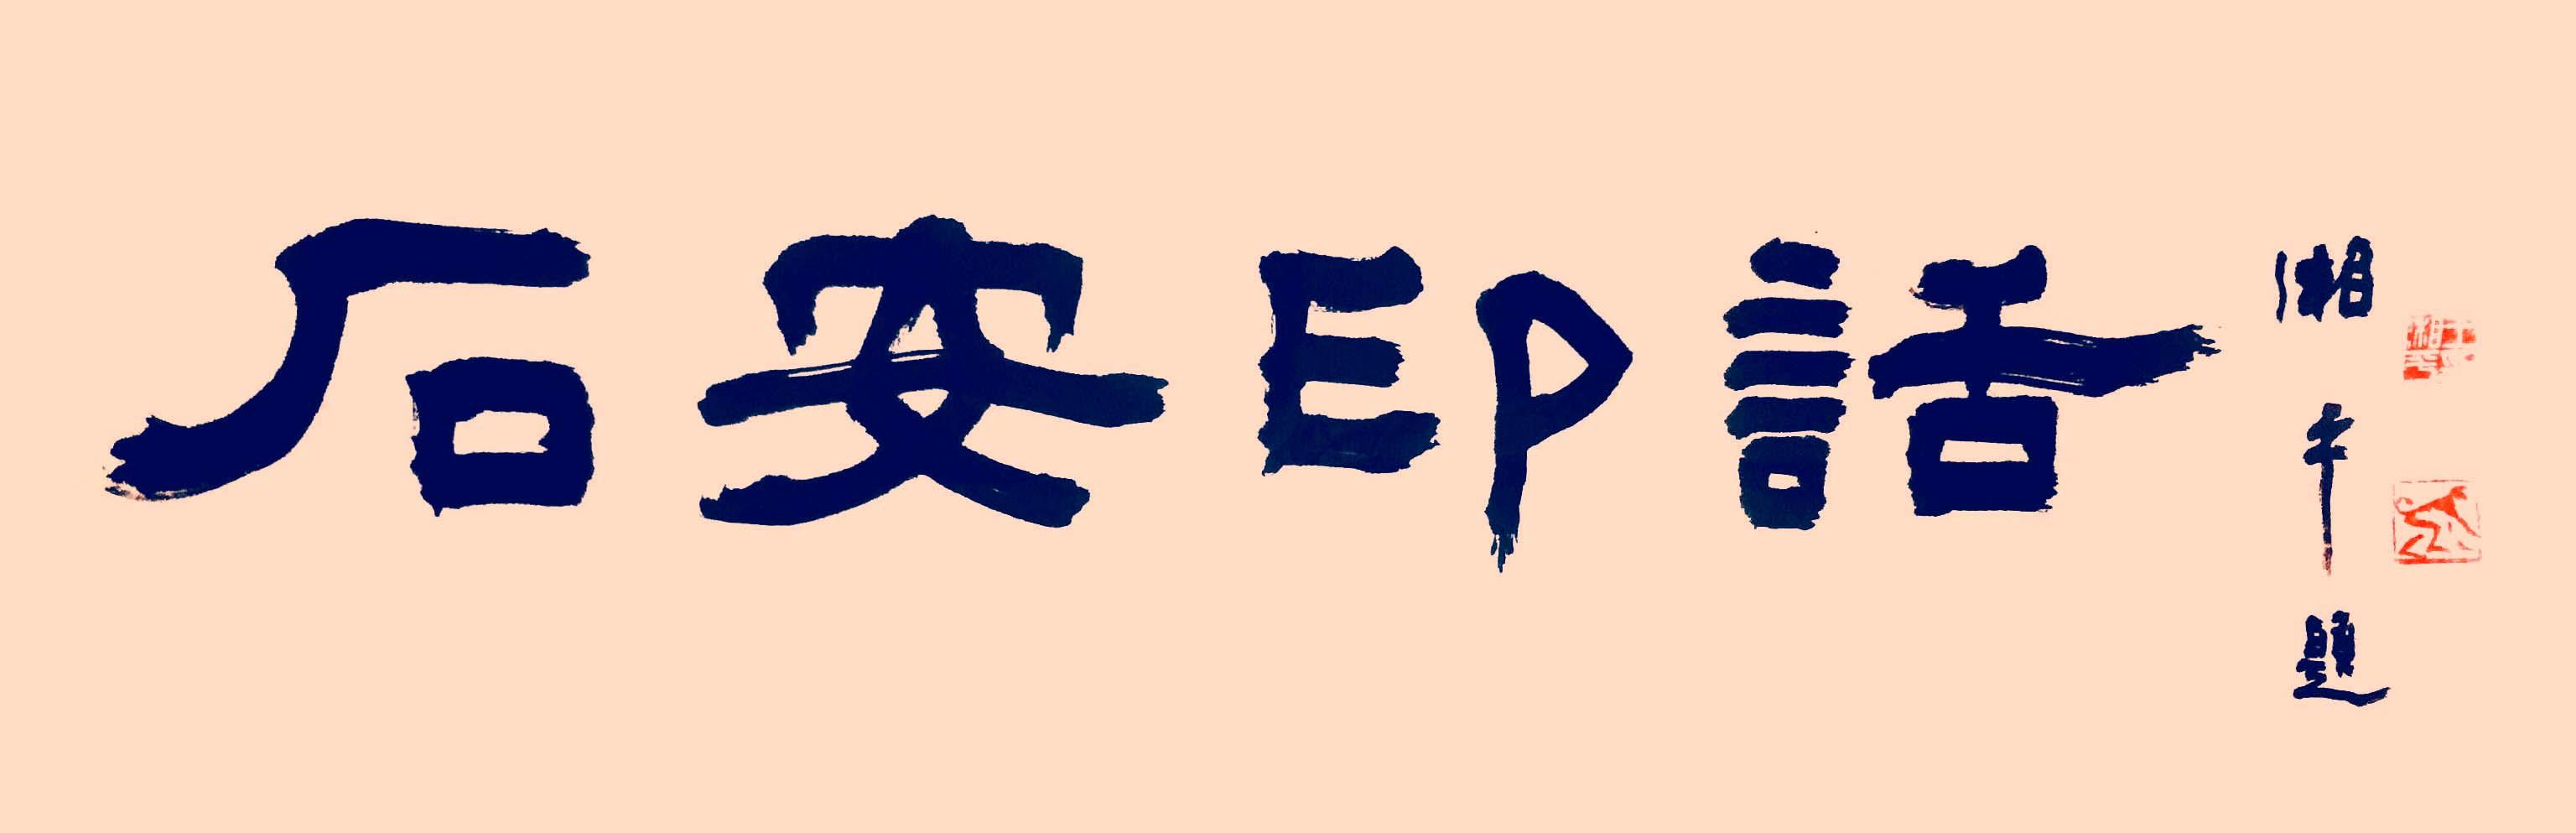 清代中期崛起的浙派印家――西泠八家